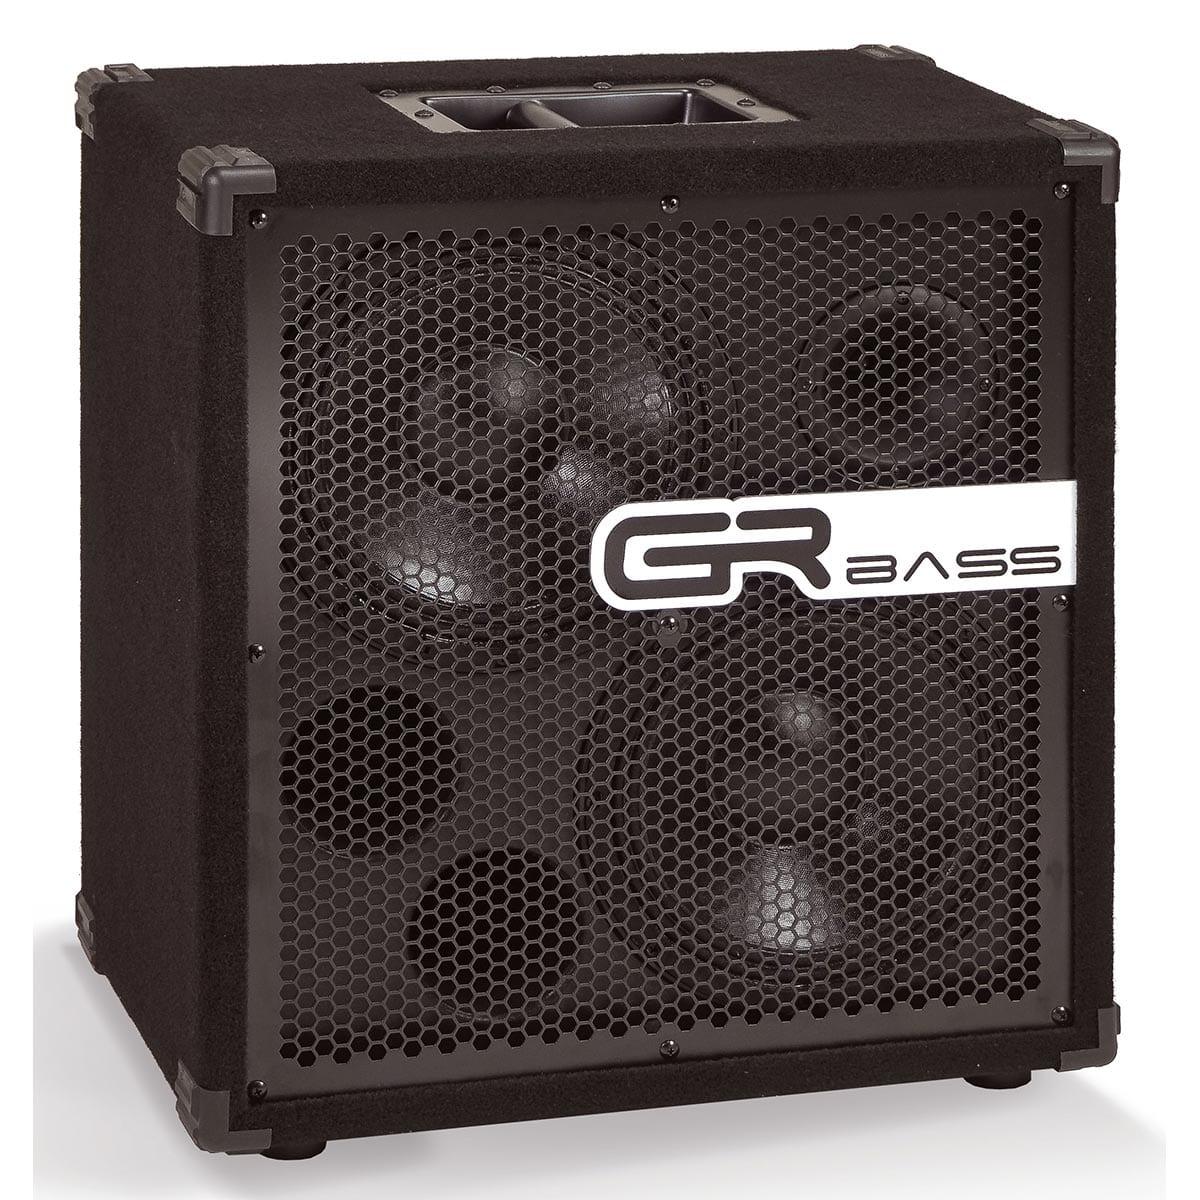 GRBass210sq